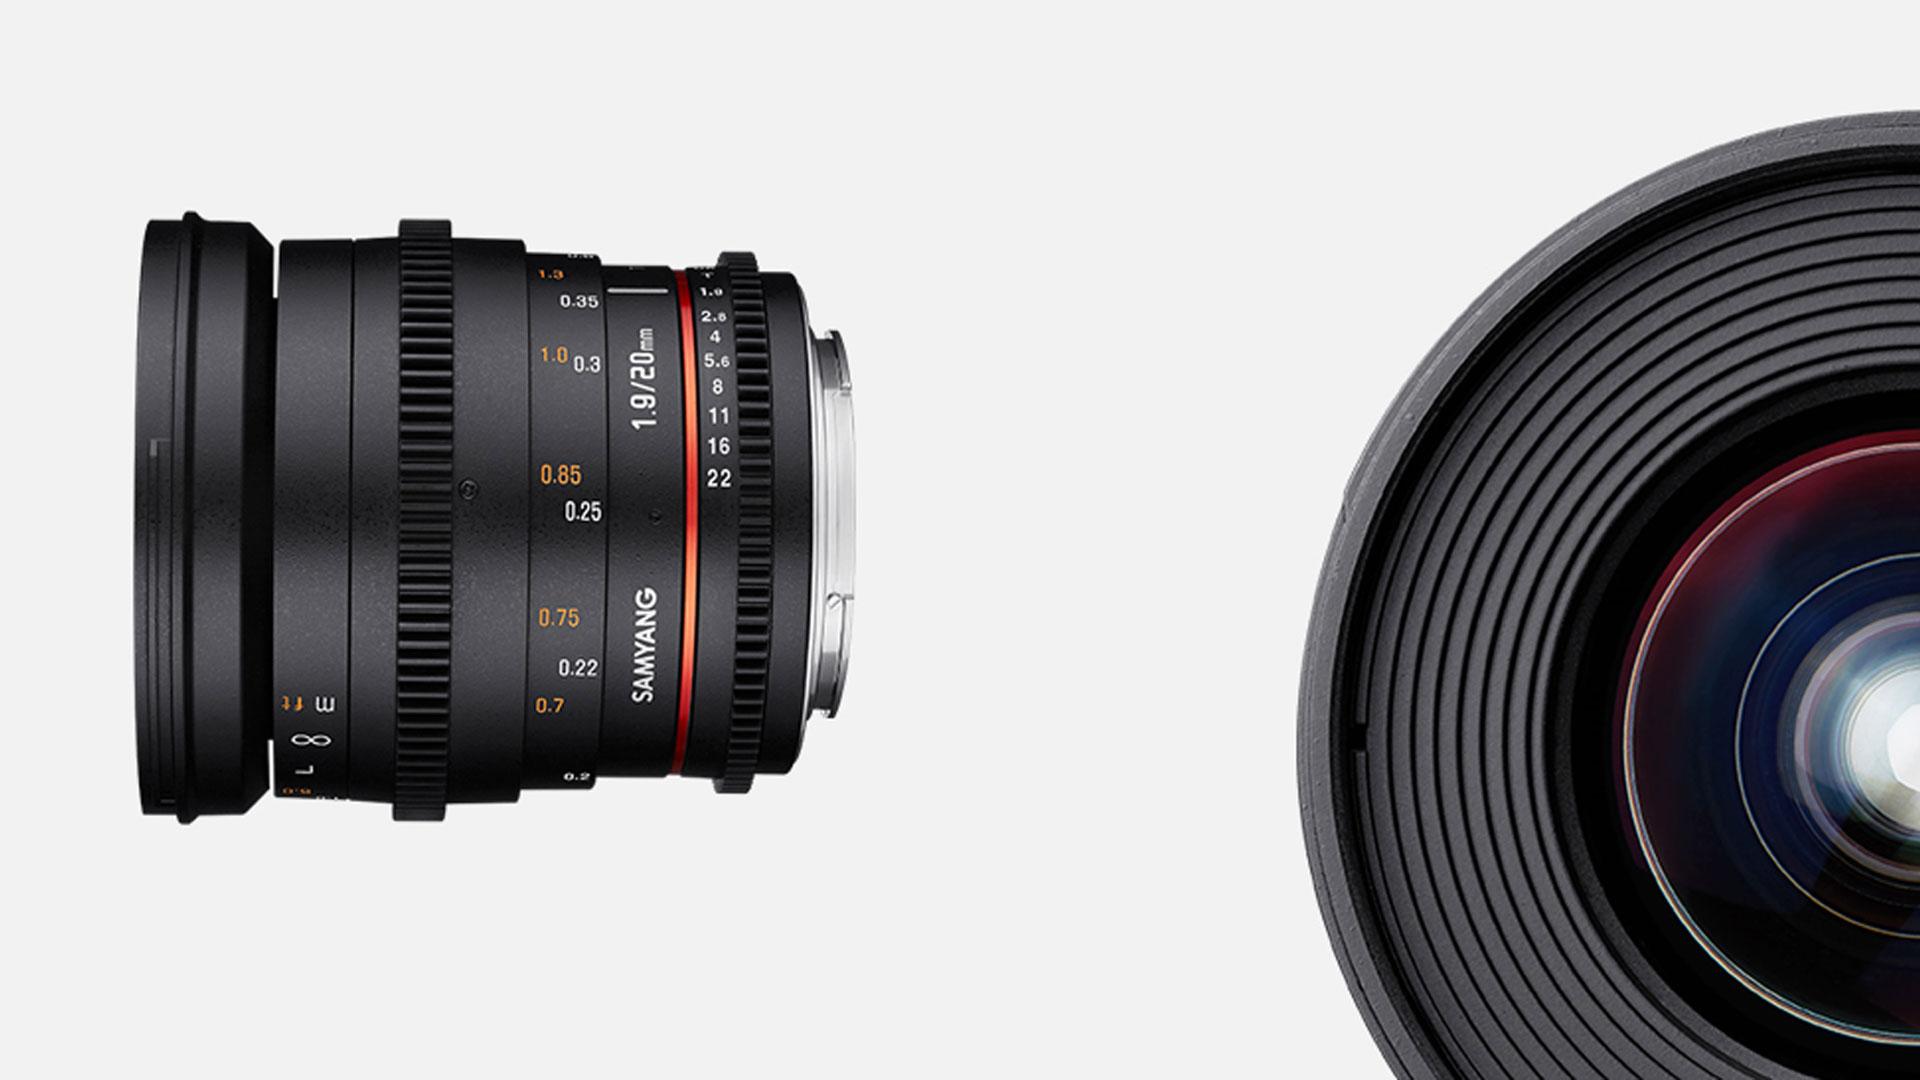 New Samyang 20mm Full Frame Lens Announced | cinema5D